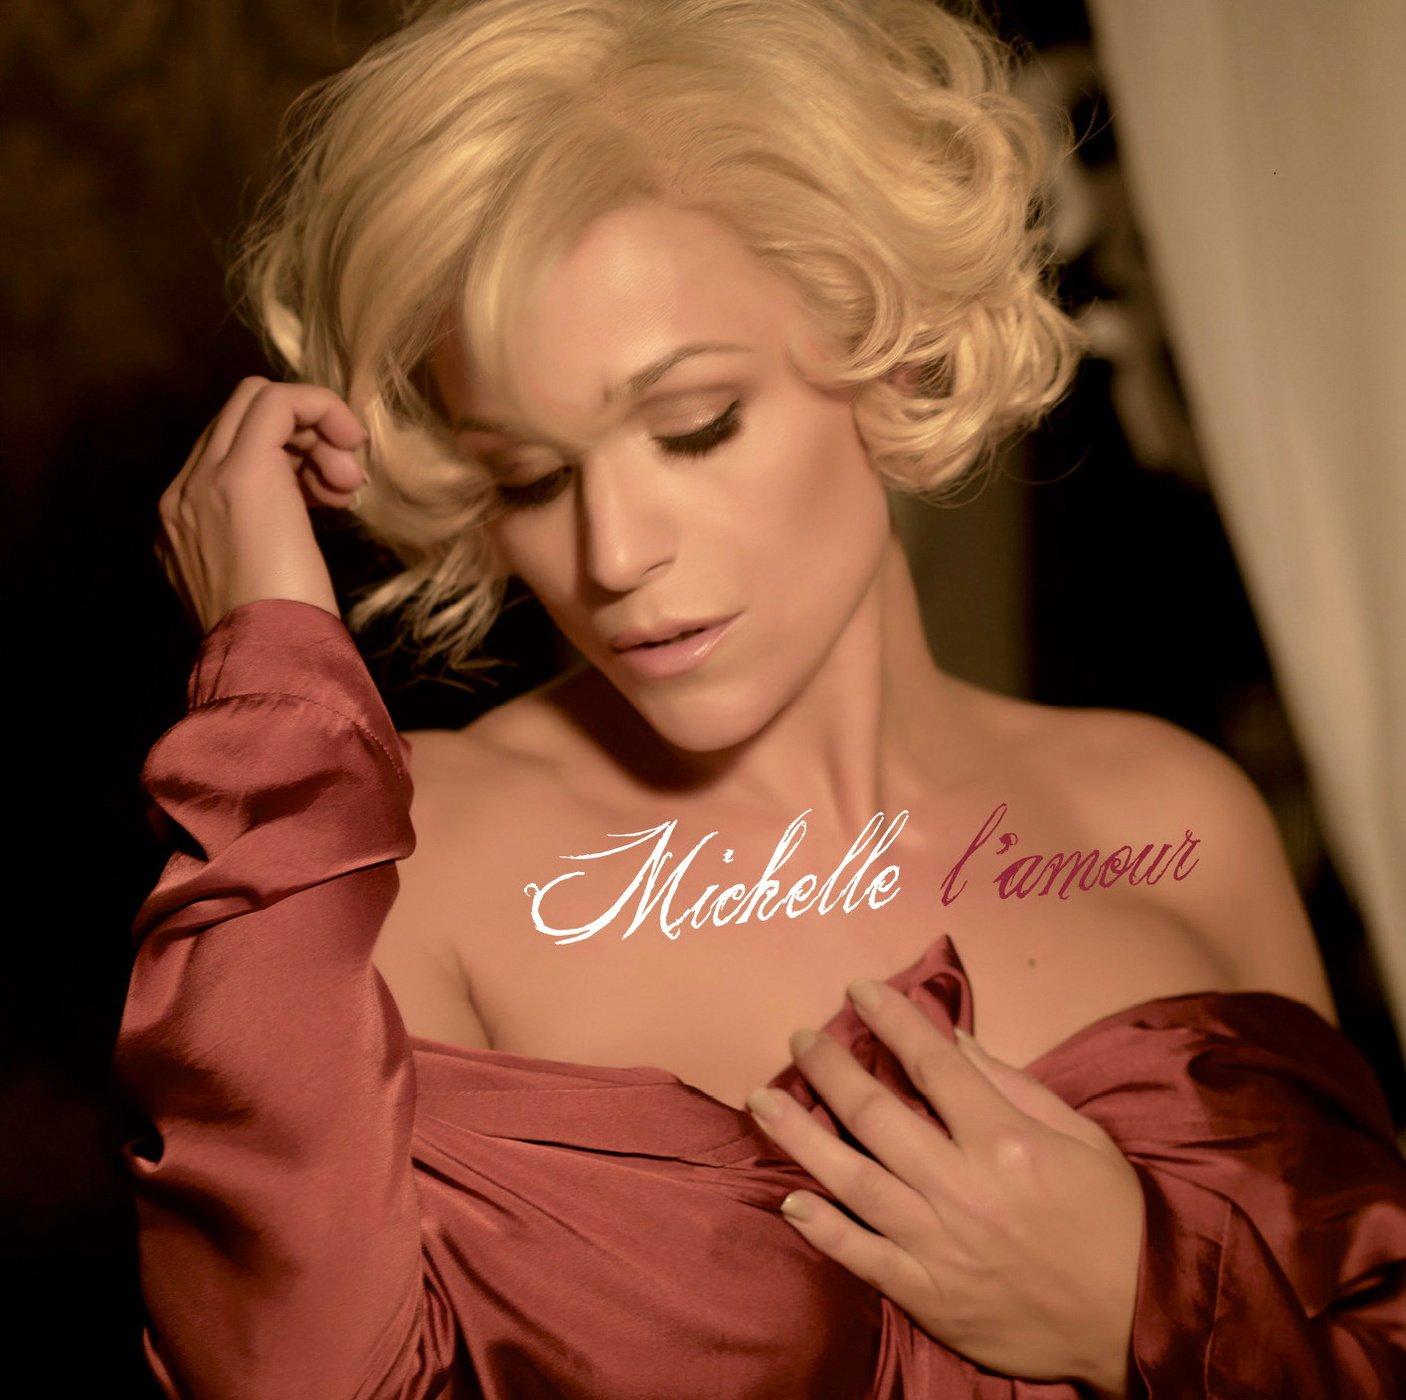 Michelle - Ich Schicke Dir Jetzt Einen Engel